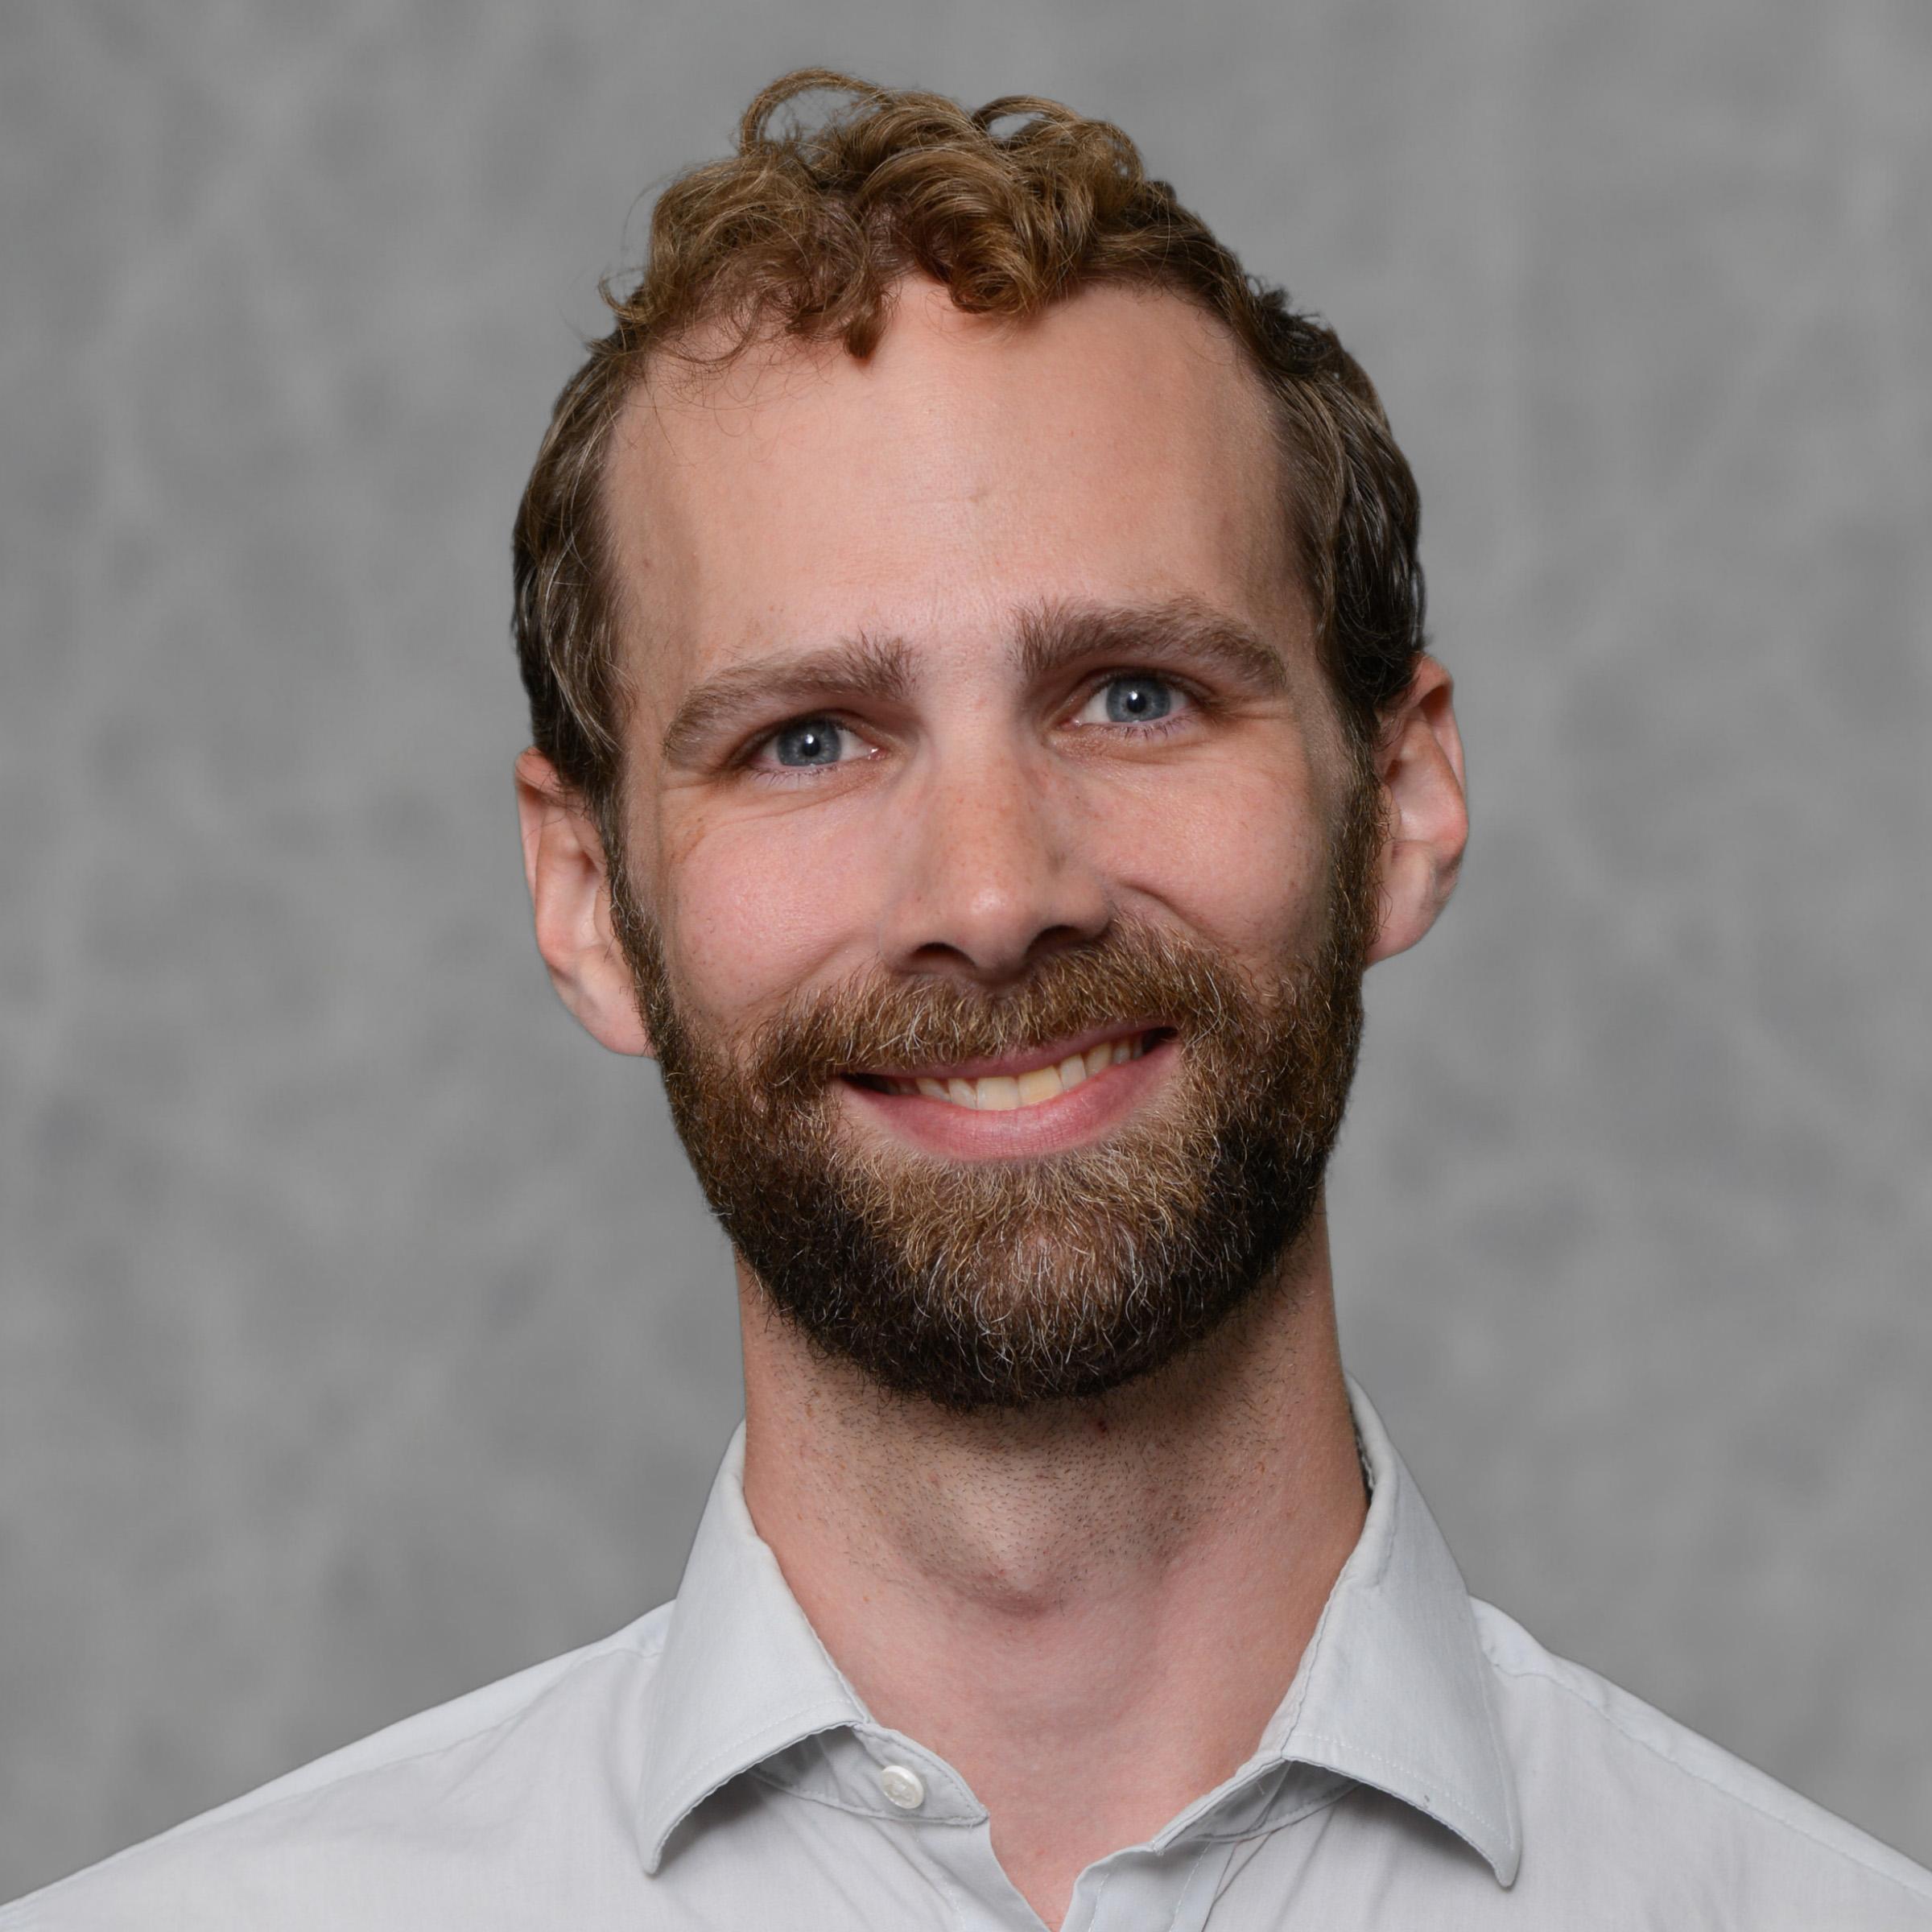 Kurt Marsden